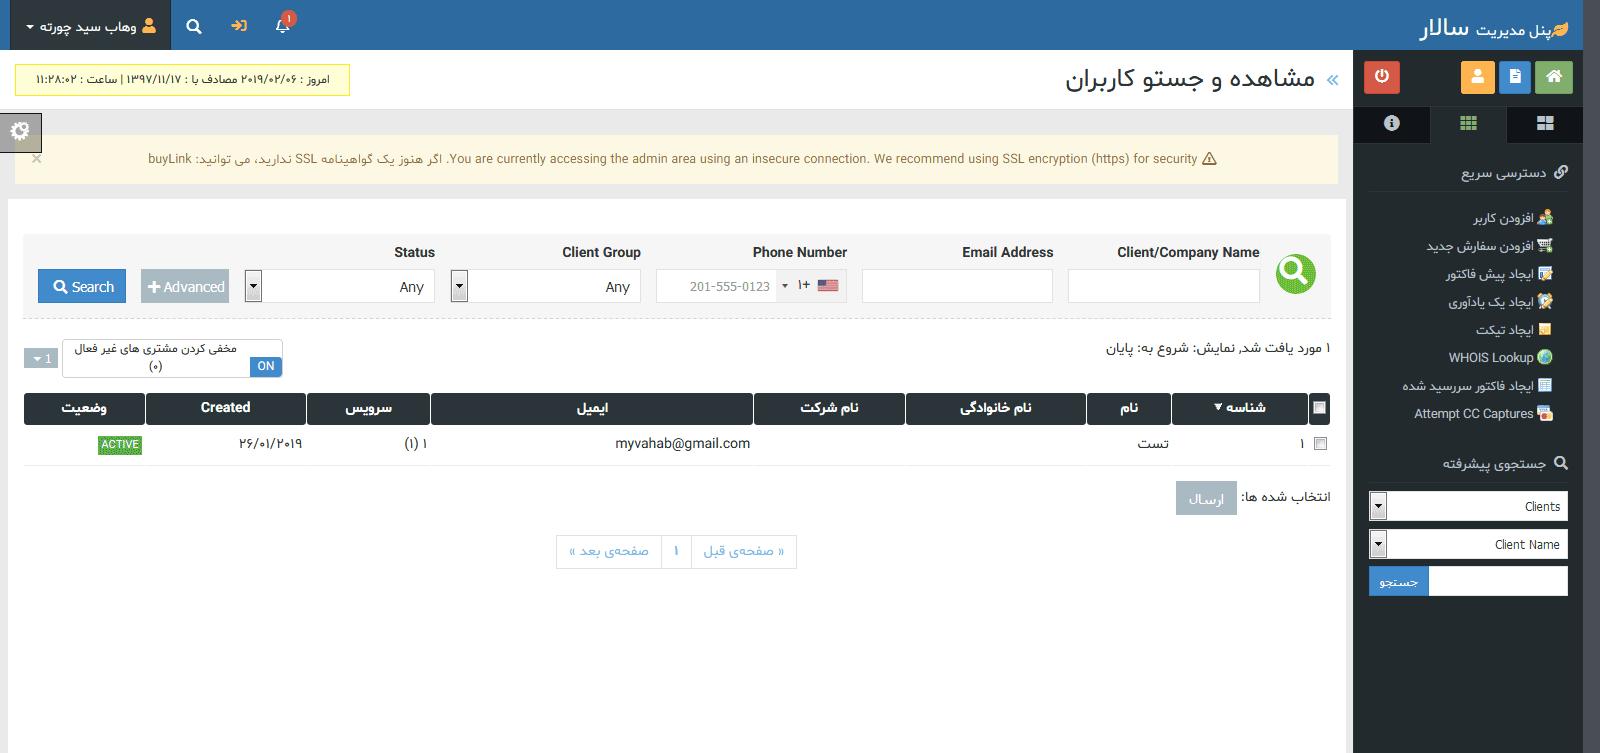 قالب مدیریت whmcs سالار